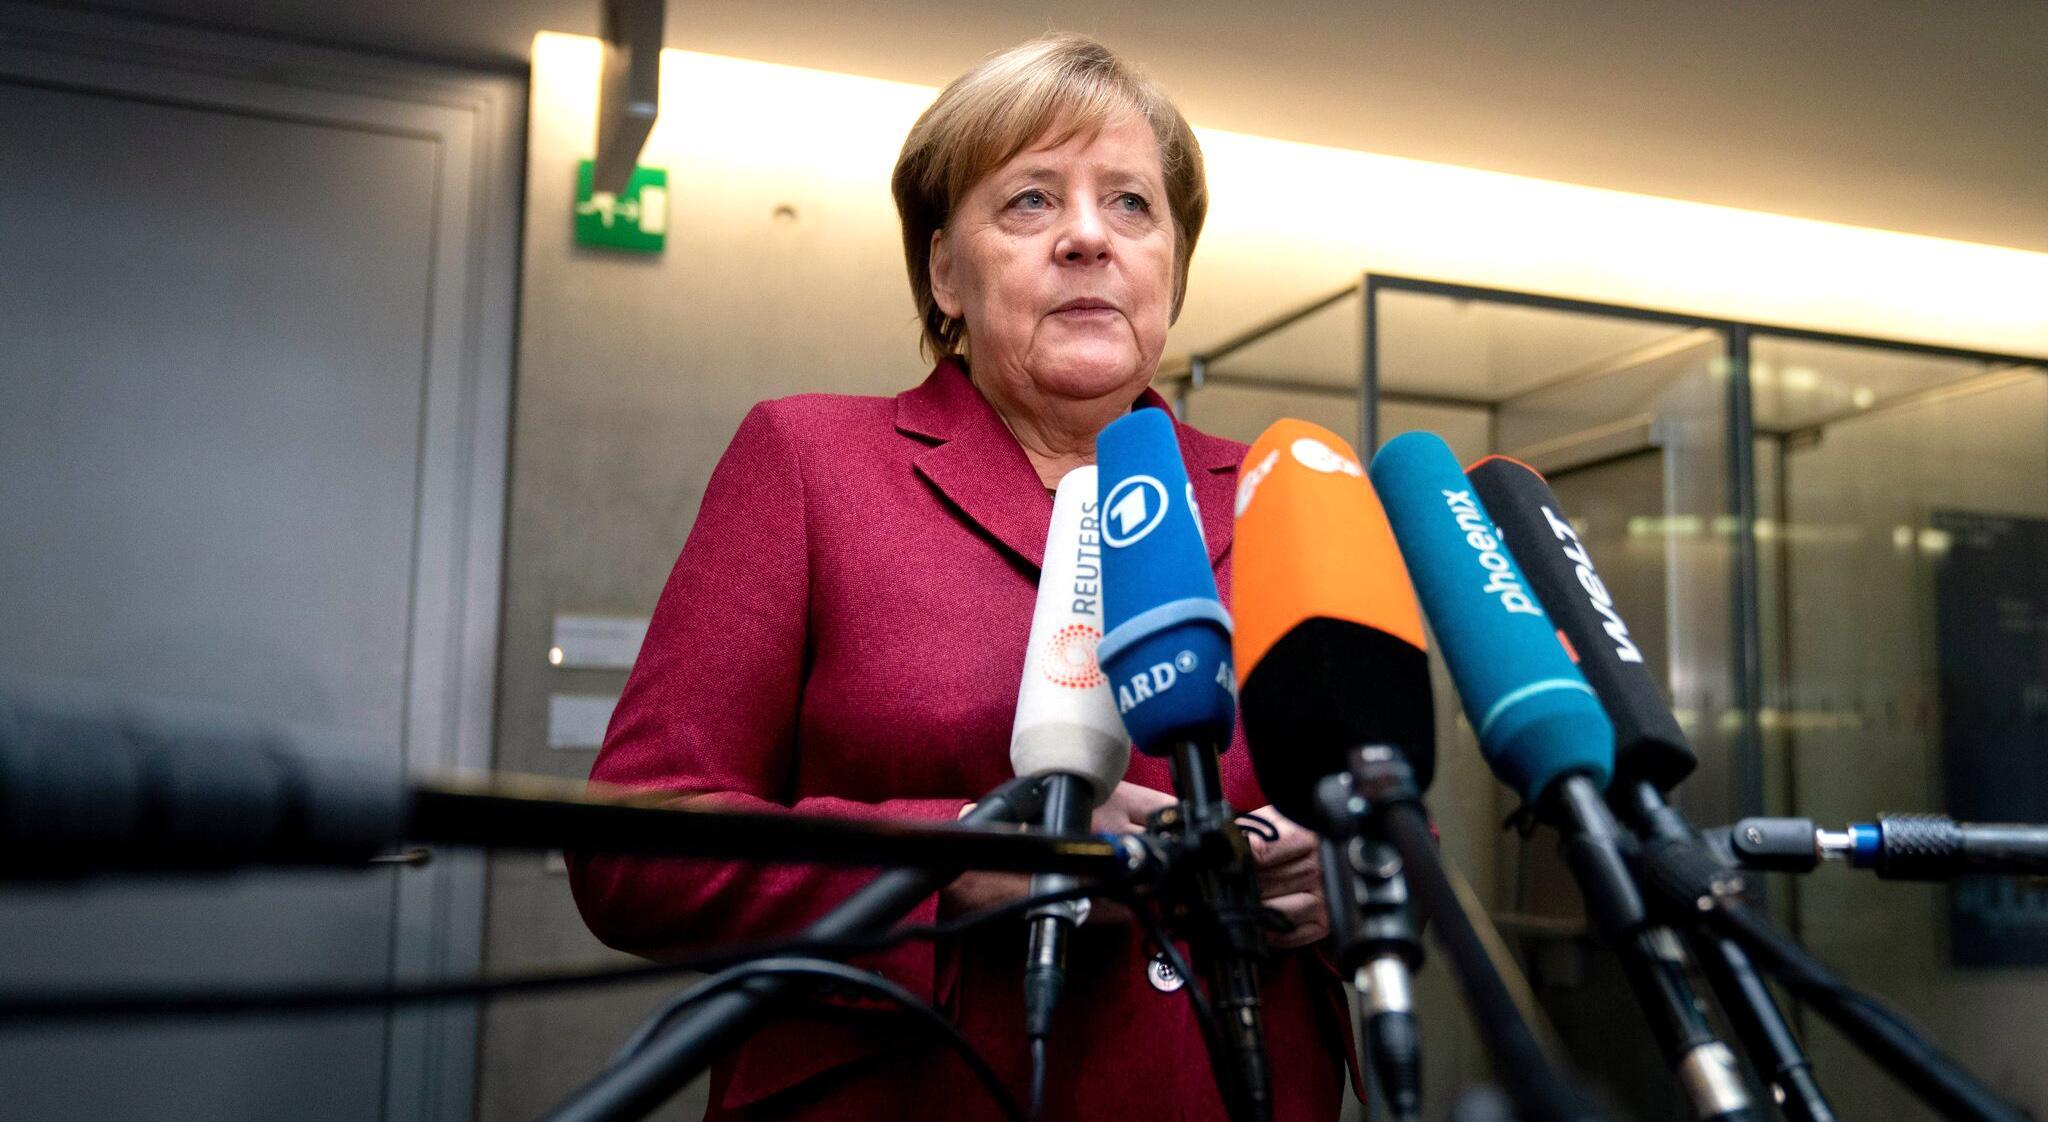 Bild zu Statement Merkel zu Brexit-Abstimmung